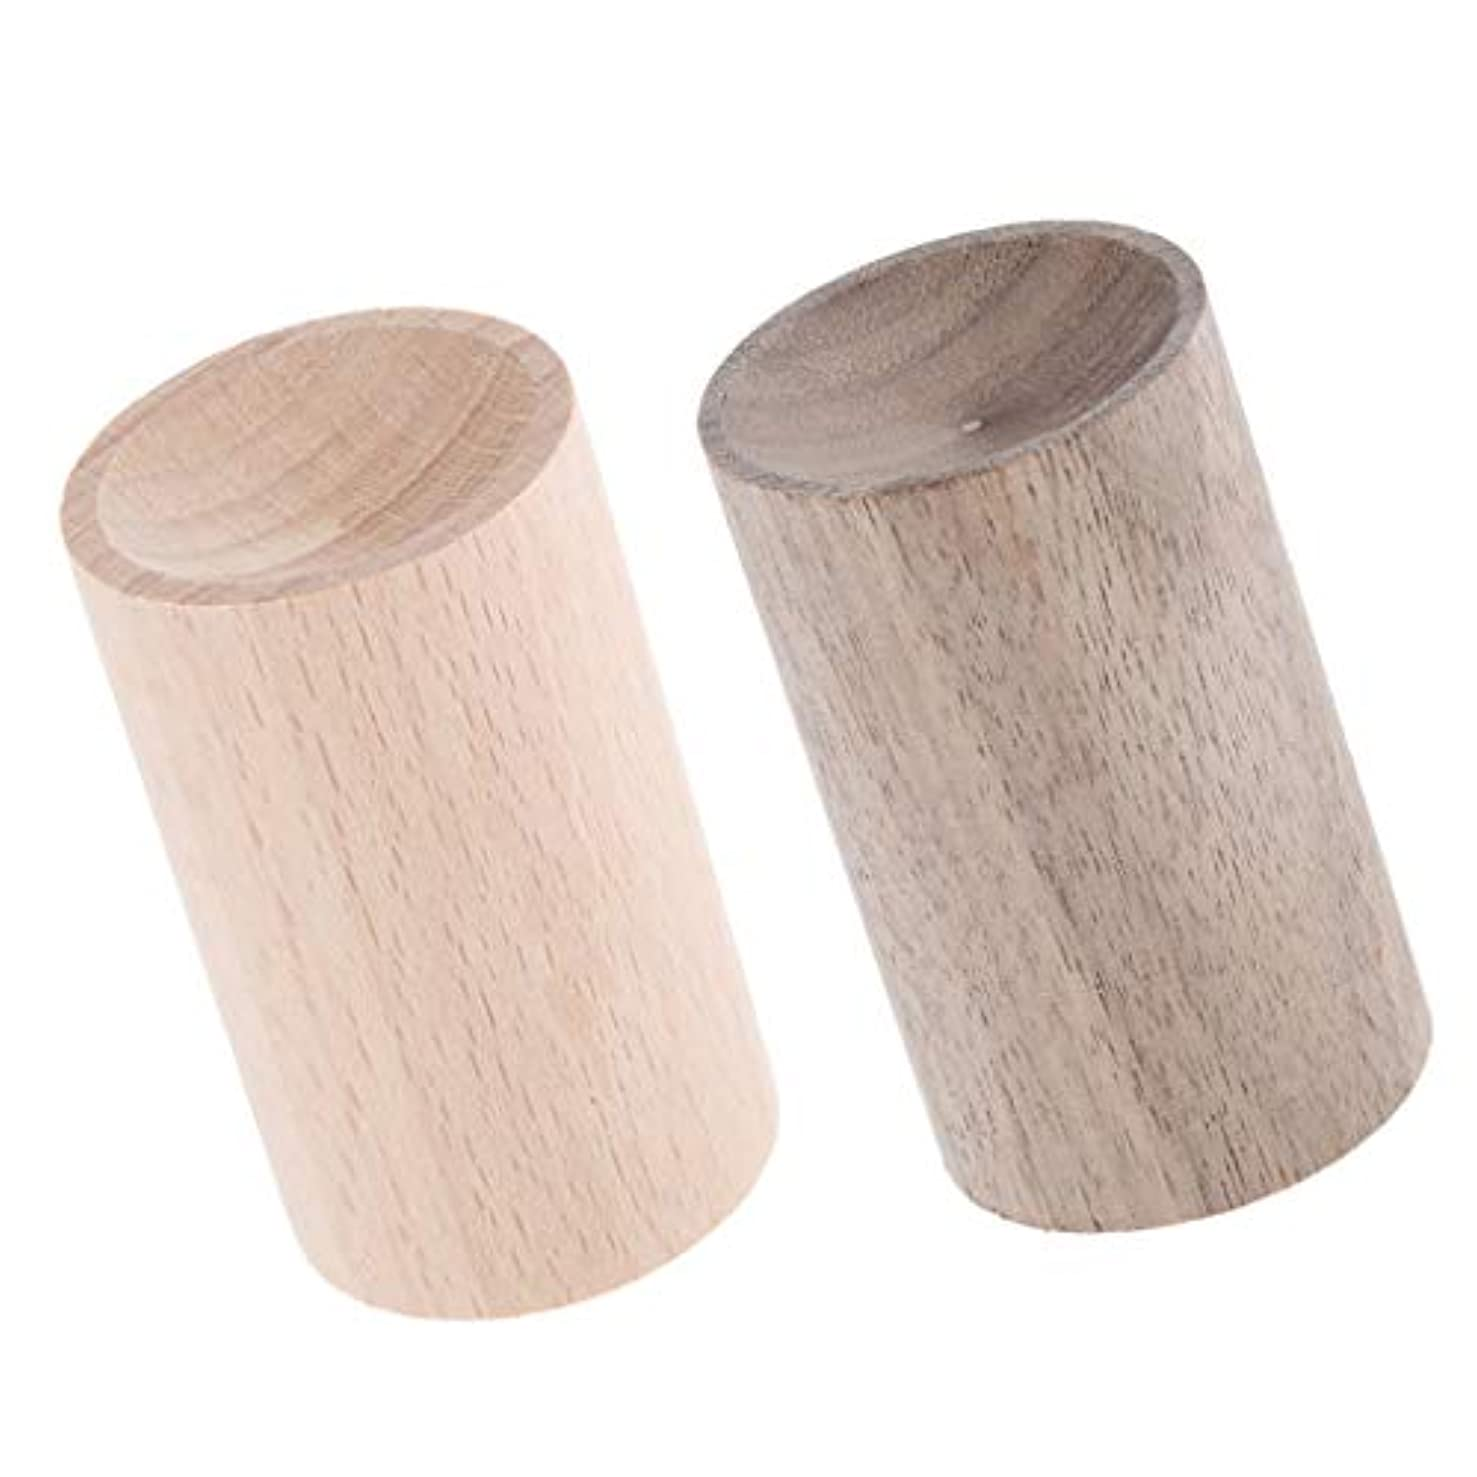 祈りコピー地球FLAMEER エッセンシャルオイルディフューザー 天然木 手作り ホーム オフィス 旅行 車用 2ピース